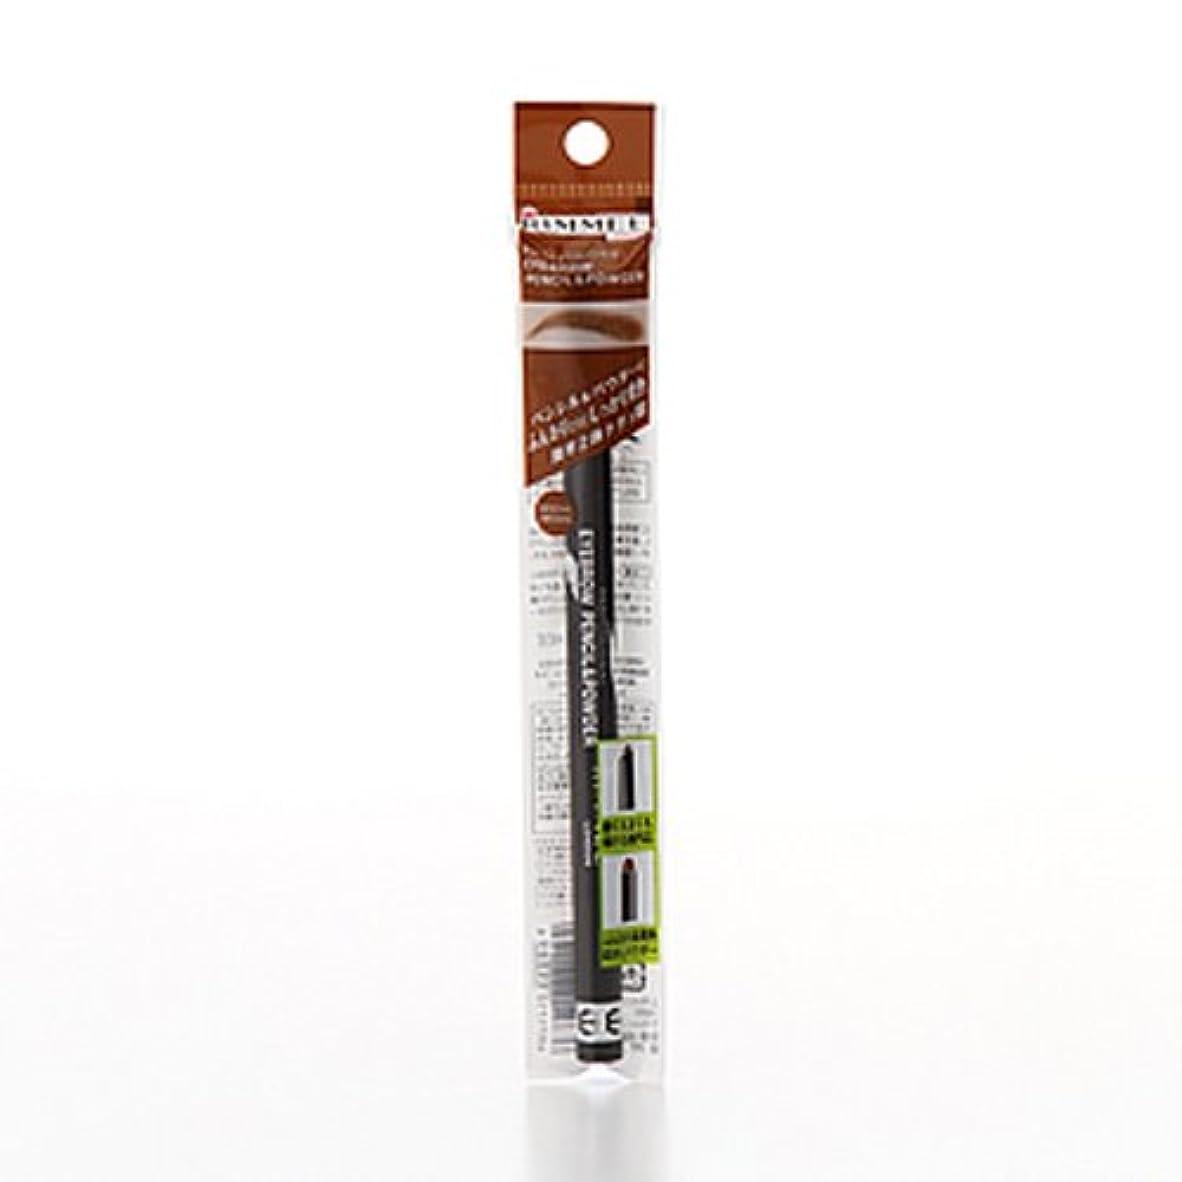 誤って電気技師吸収リンメル プロフェッショナル アイブロウ ペンシル&パウダー 004 モカブラウン 0.8g